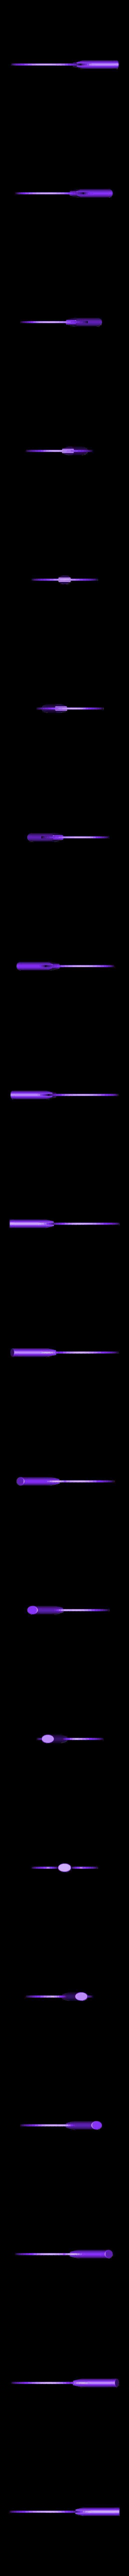 PaddleSide.stl Télécharger fichier STL gratuit Raquettes de Ping Pong • Plan pour imprimante 3D, sportguy3Dprint